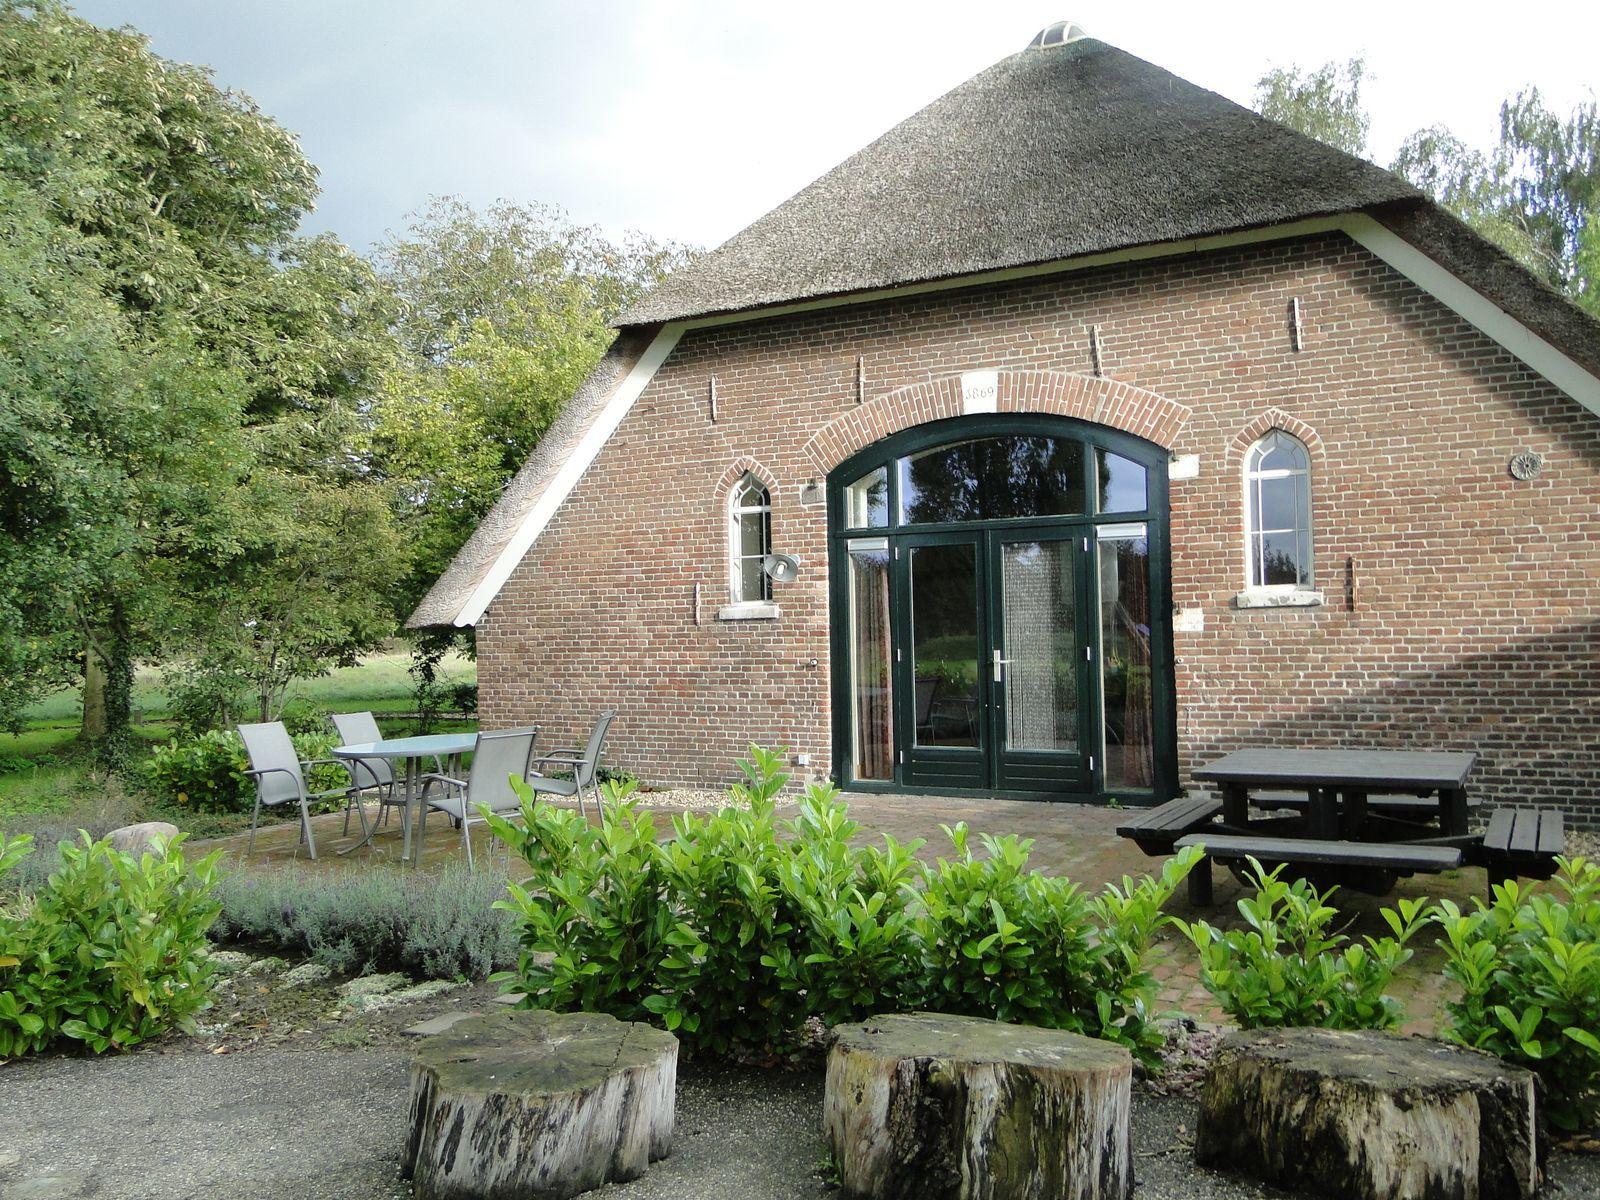 Boerderij IJselhoeve West - vakantiehuis Overijssel